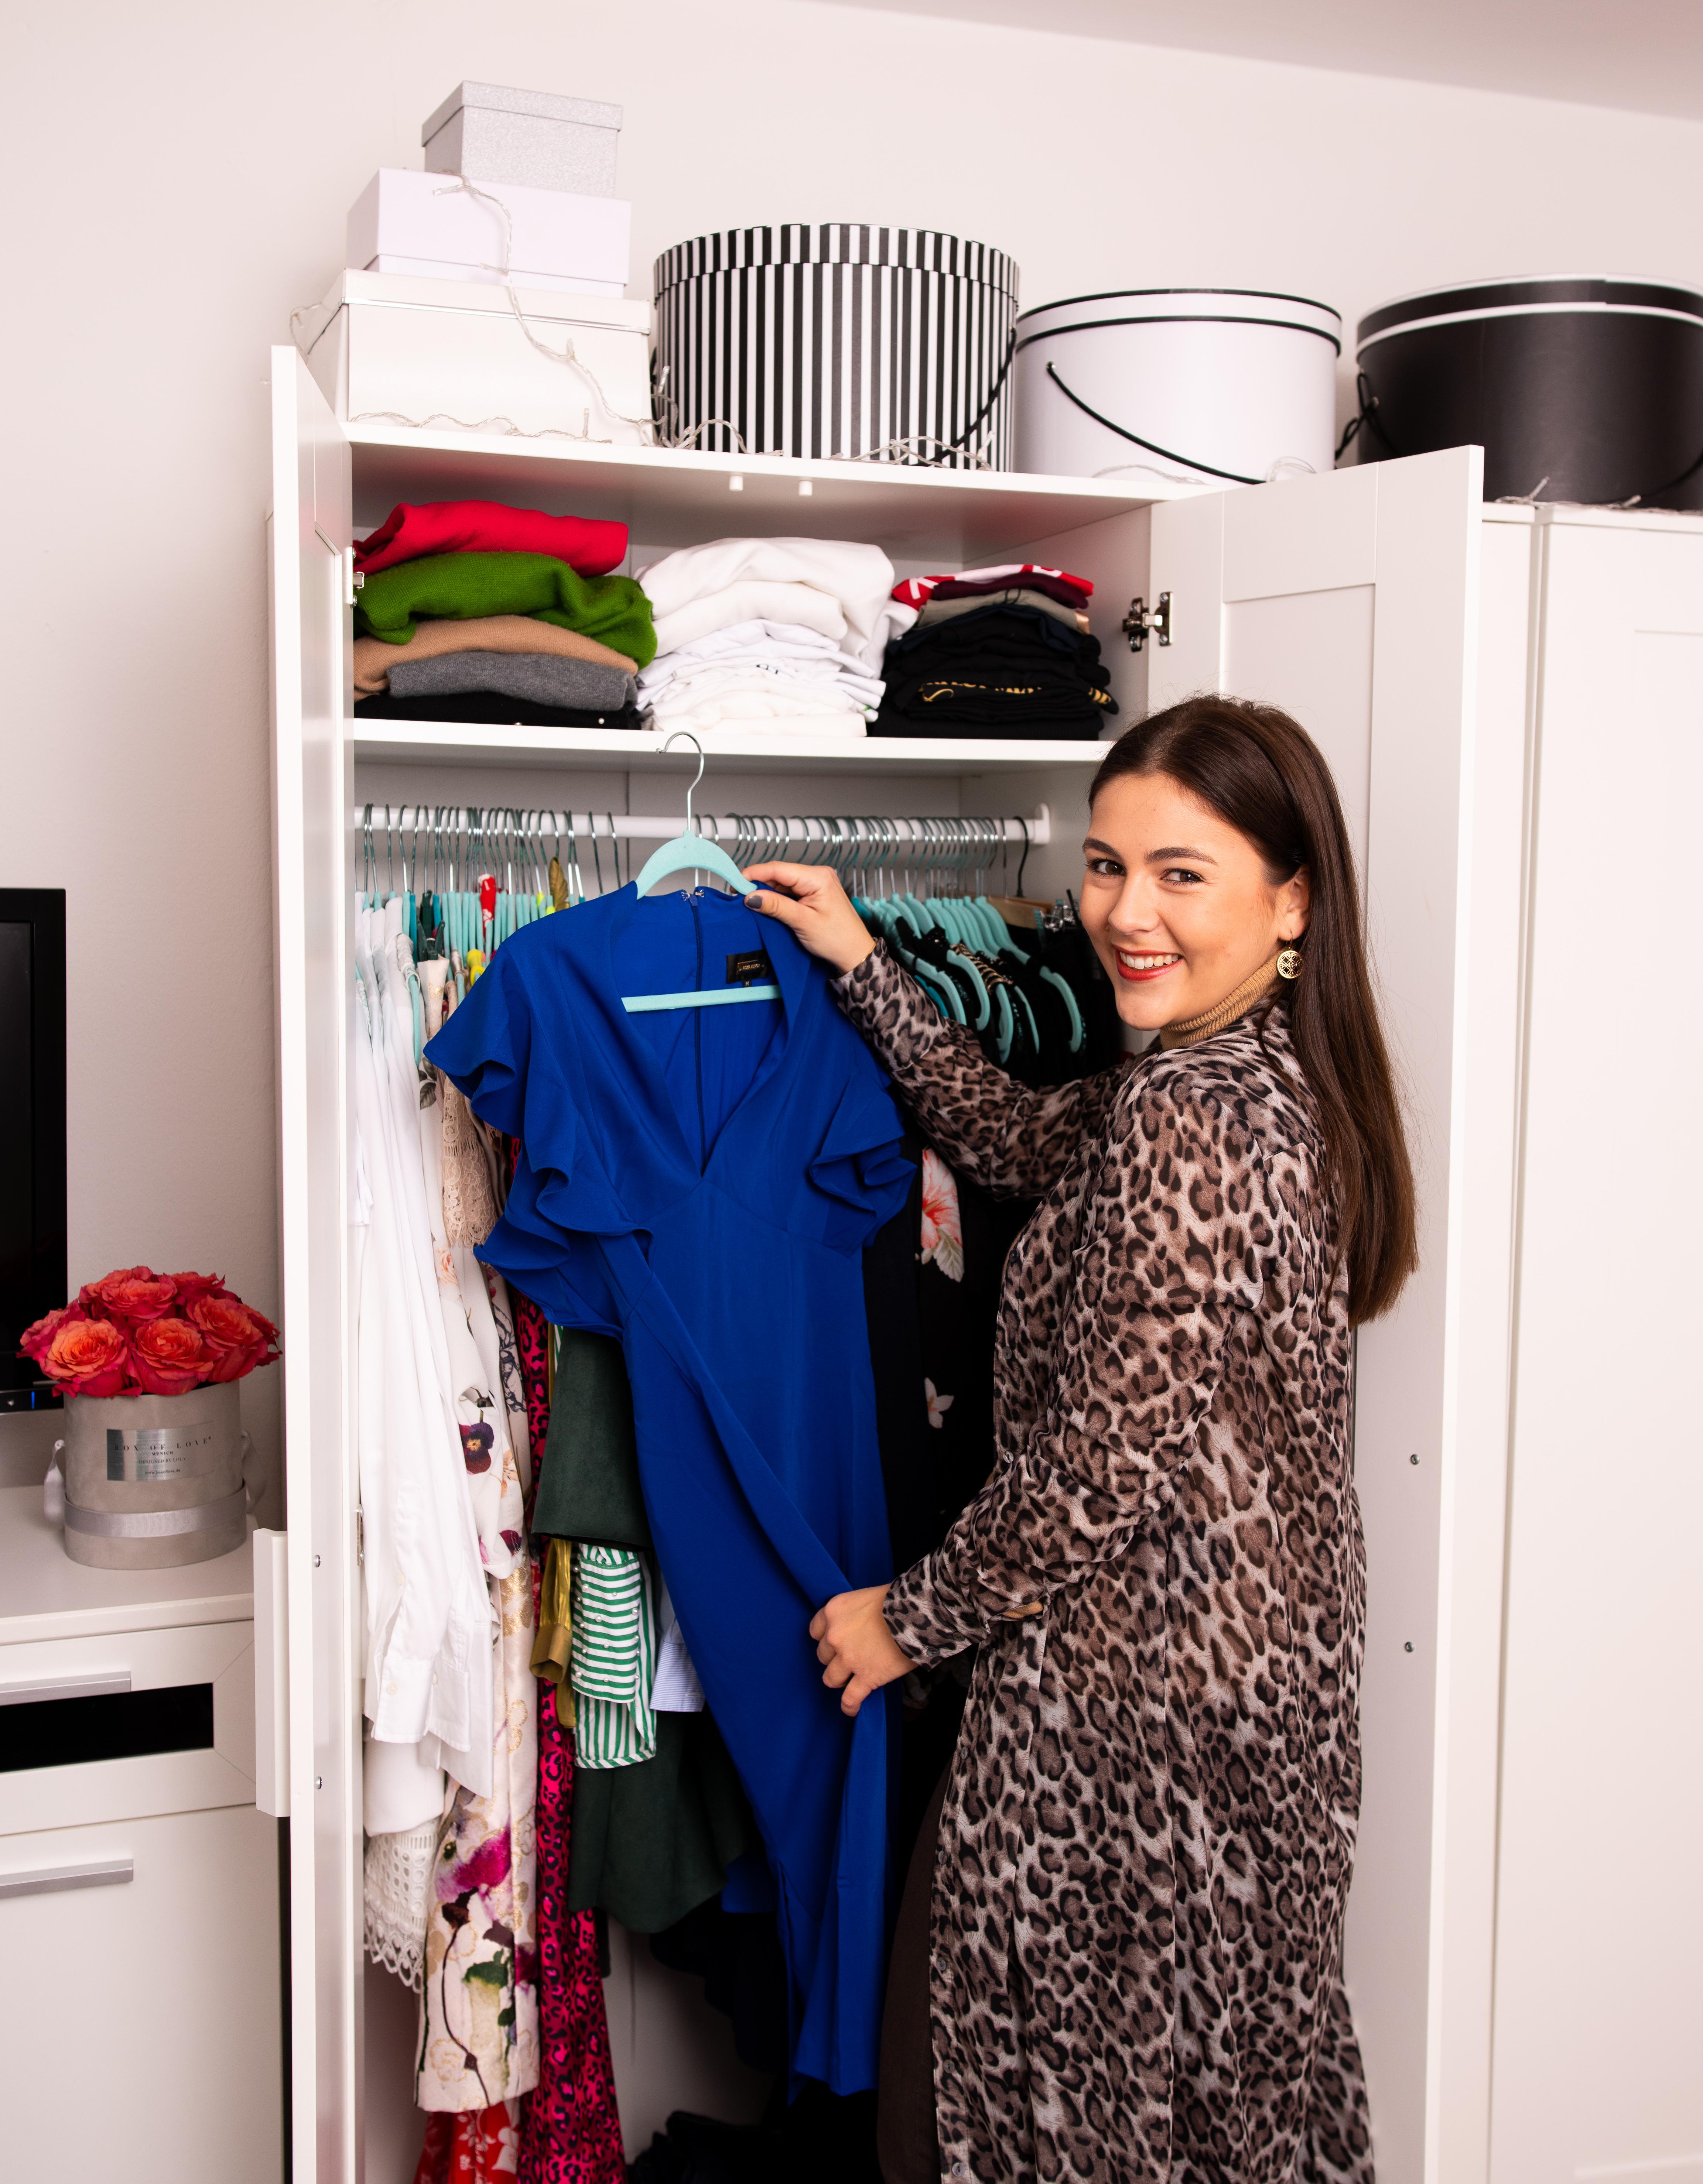 Kleiderschrank Check, Style Coaching, Neuer Look - Nathalie Dorff von Fashiondeluxxe mit neu gekauftem Kleidungsstück vor ihrem Kleiderschrank